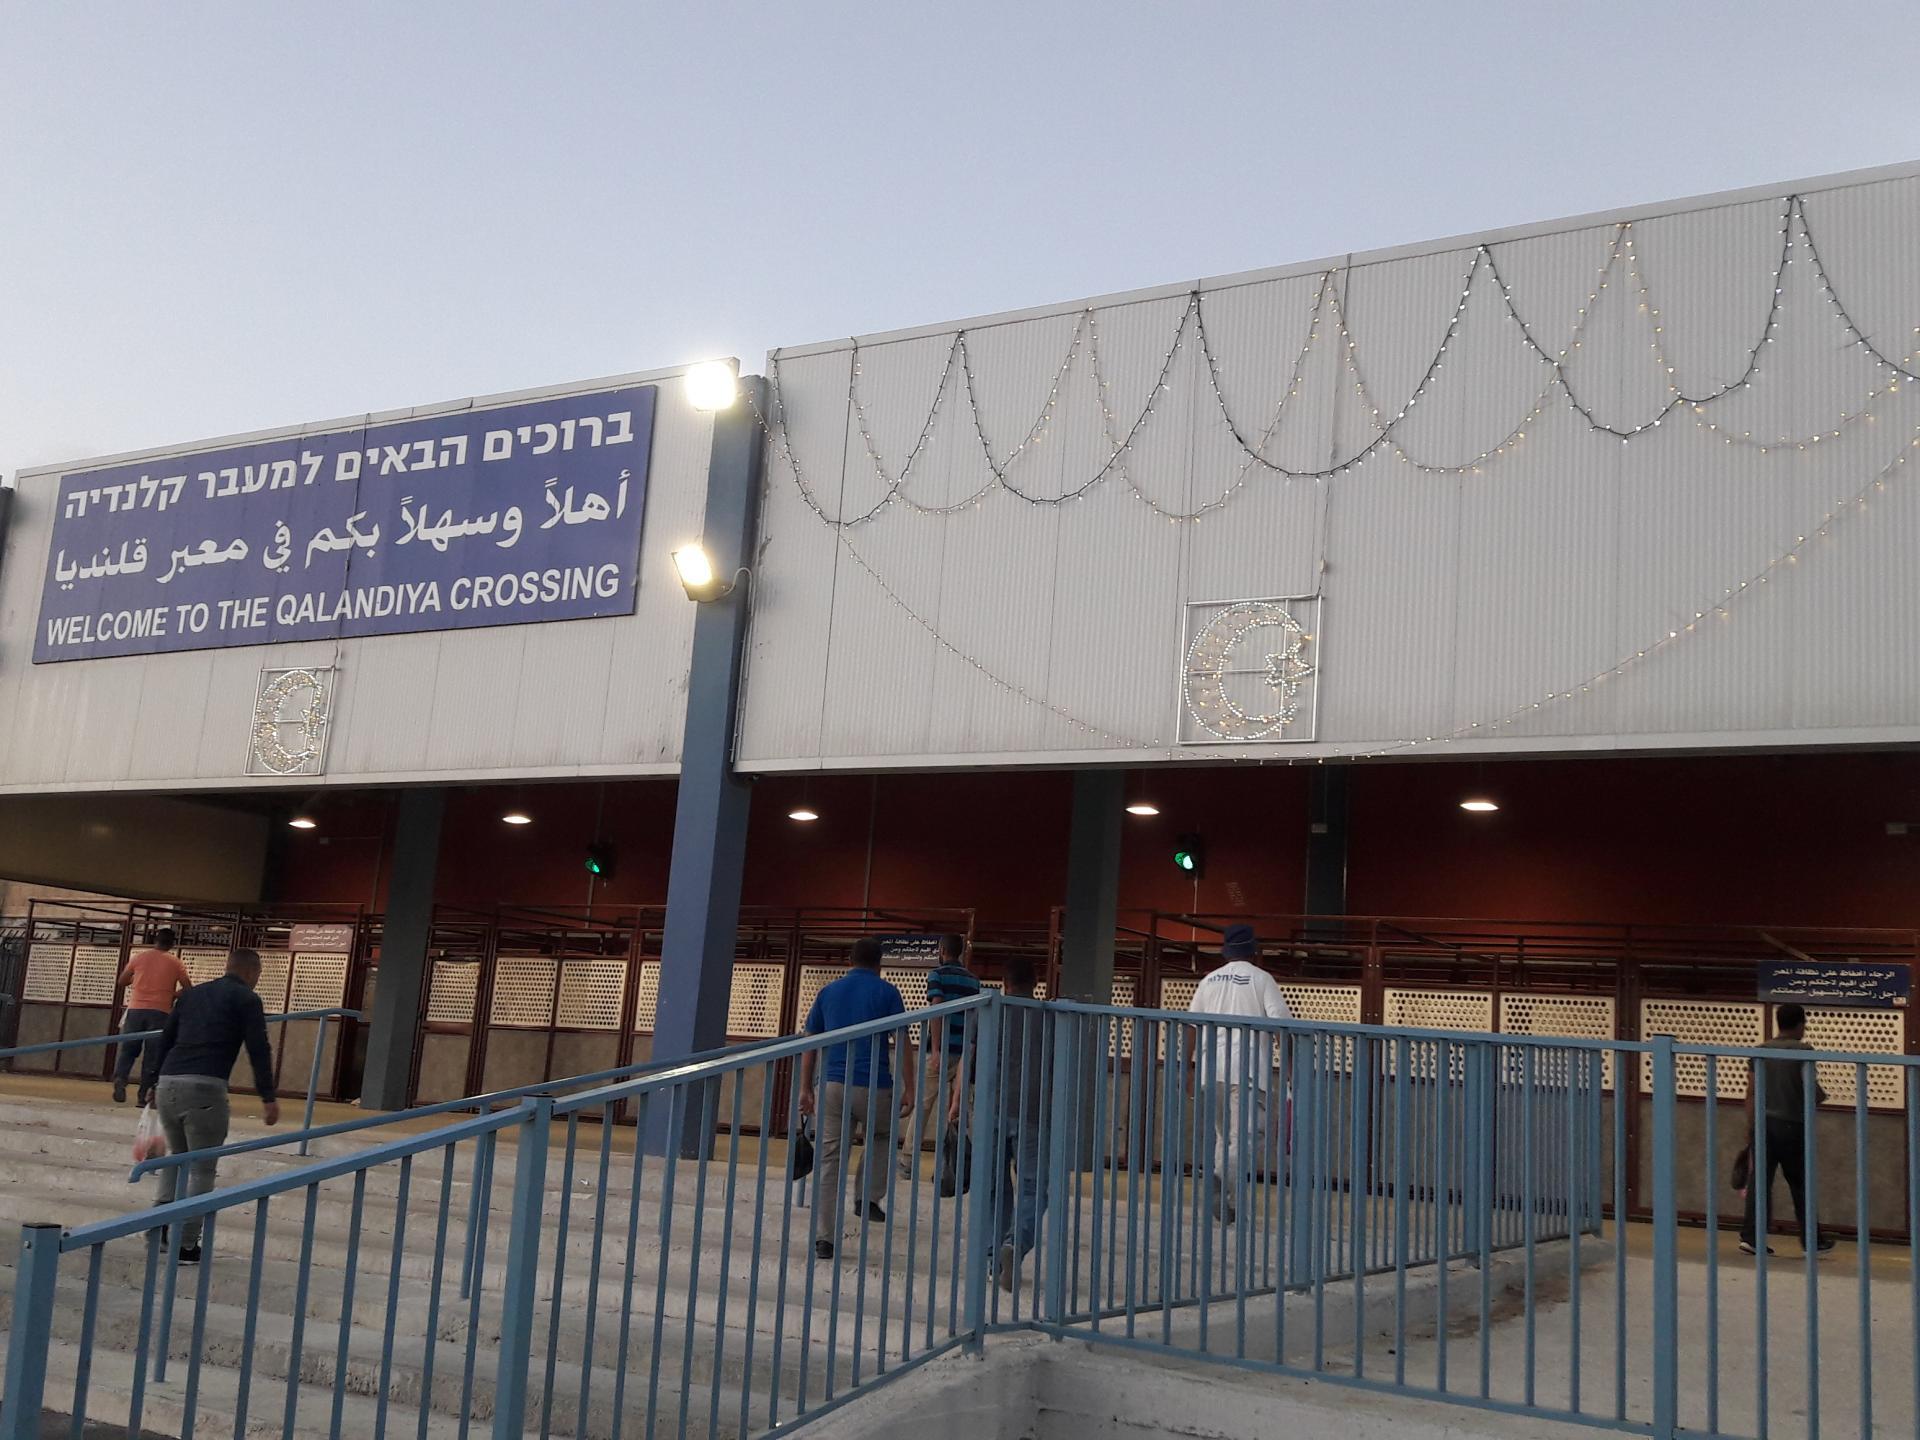 תאורה לכבוד עיד אלאדחא על הכניסה למחסום